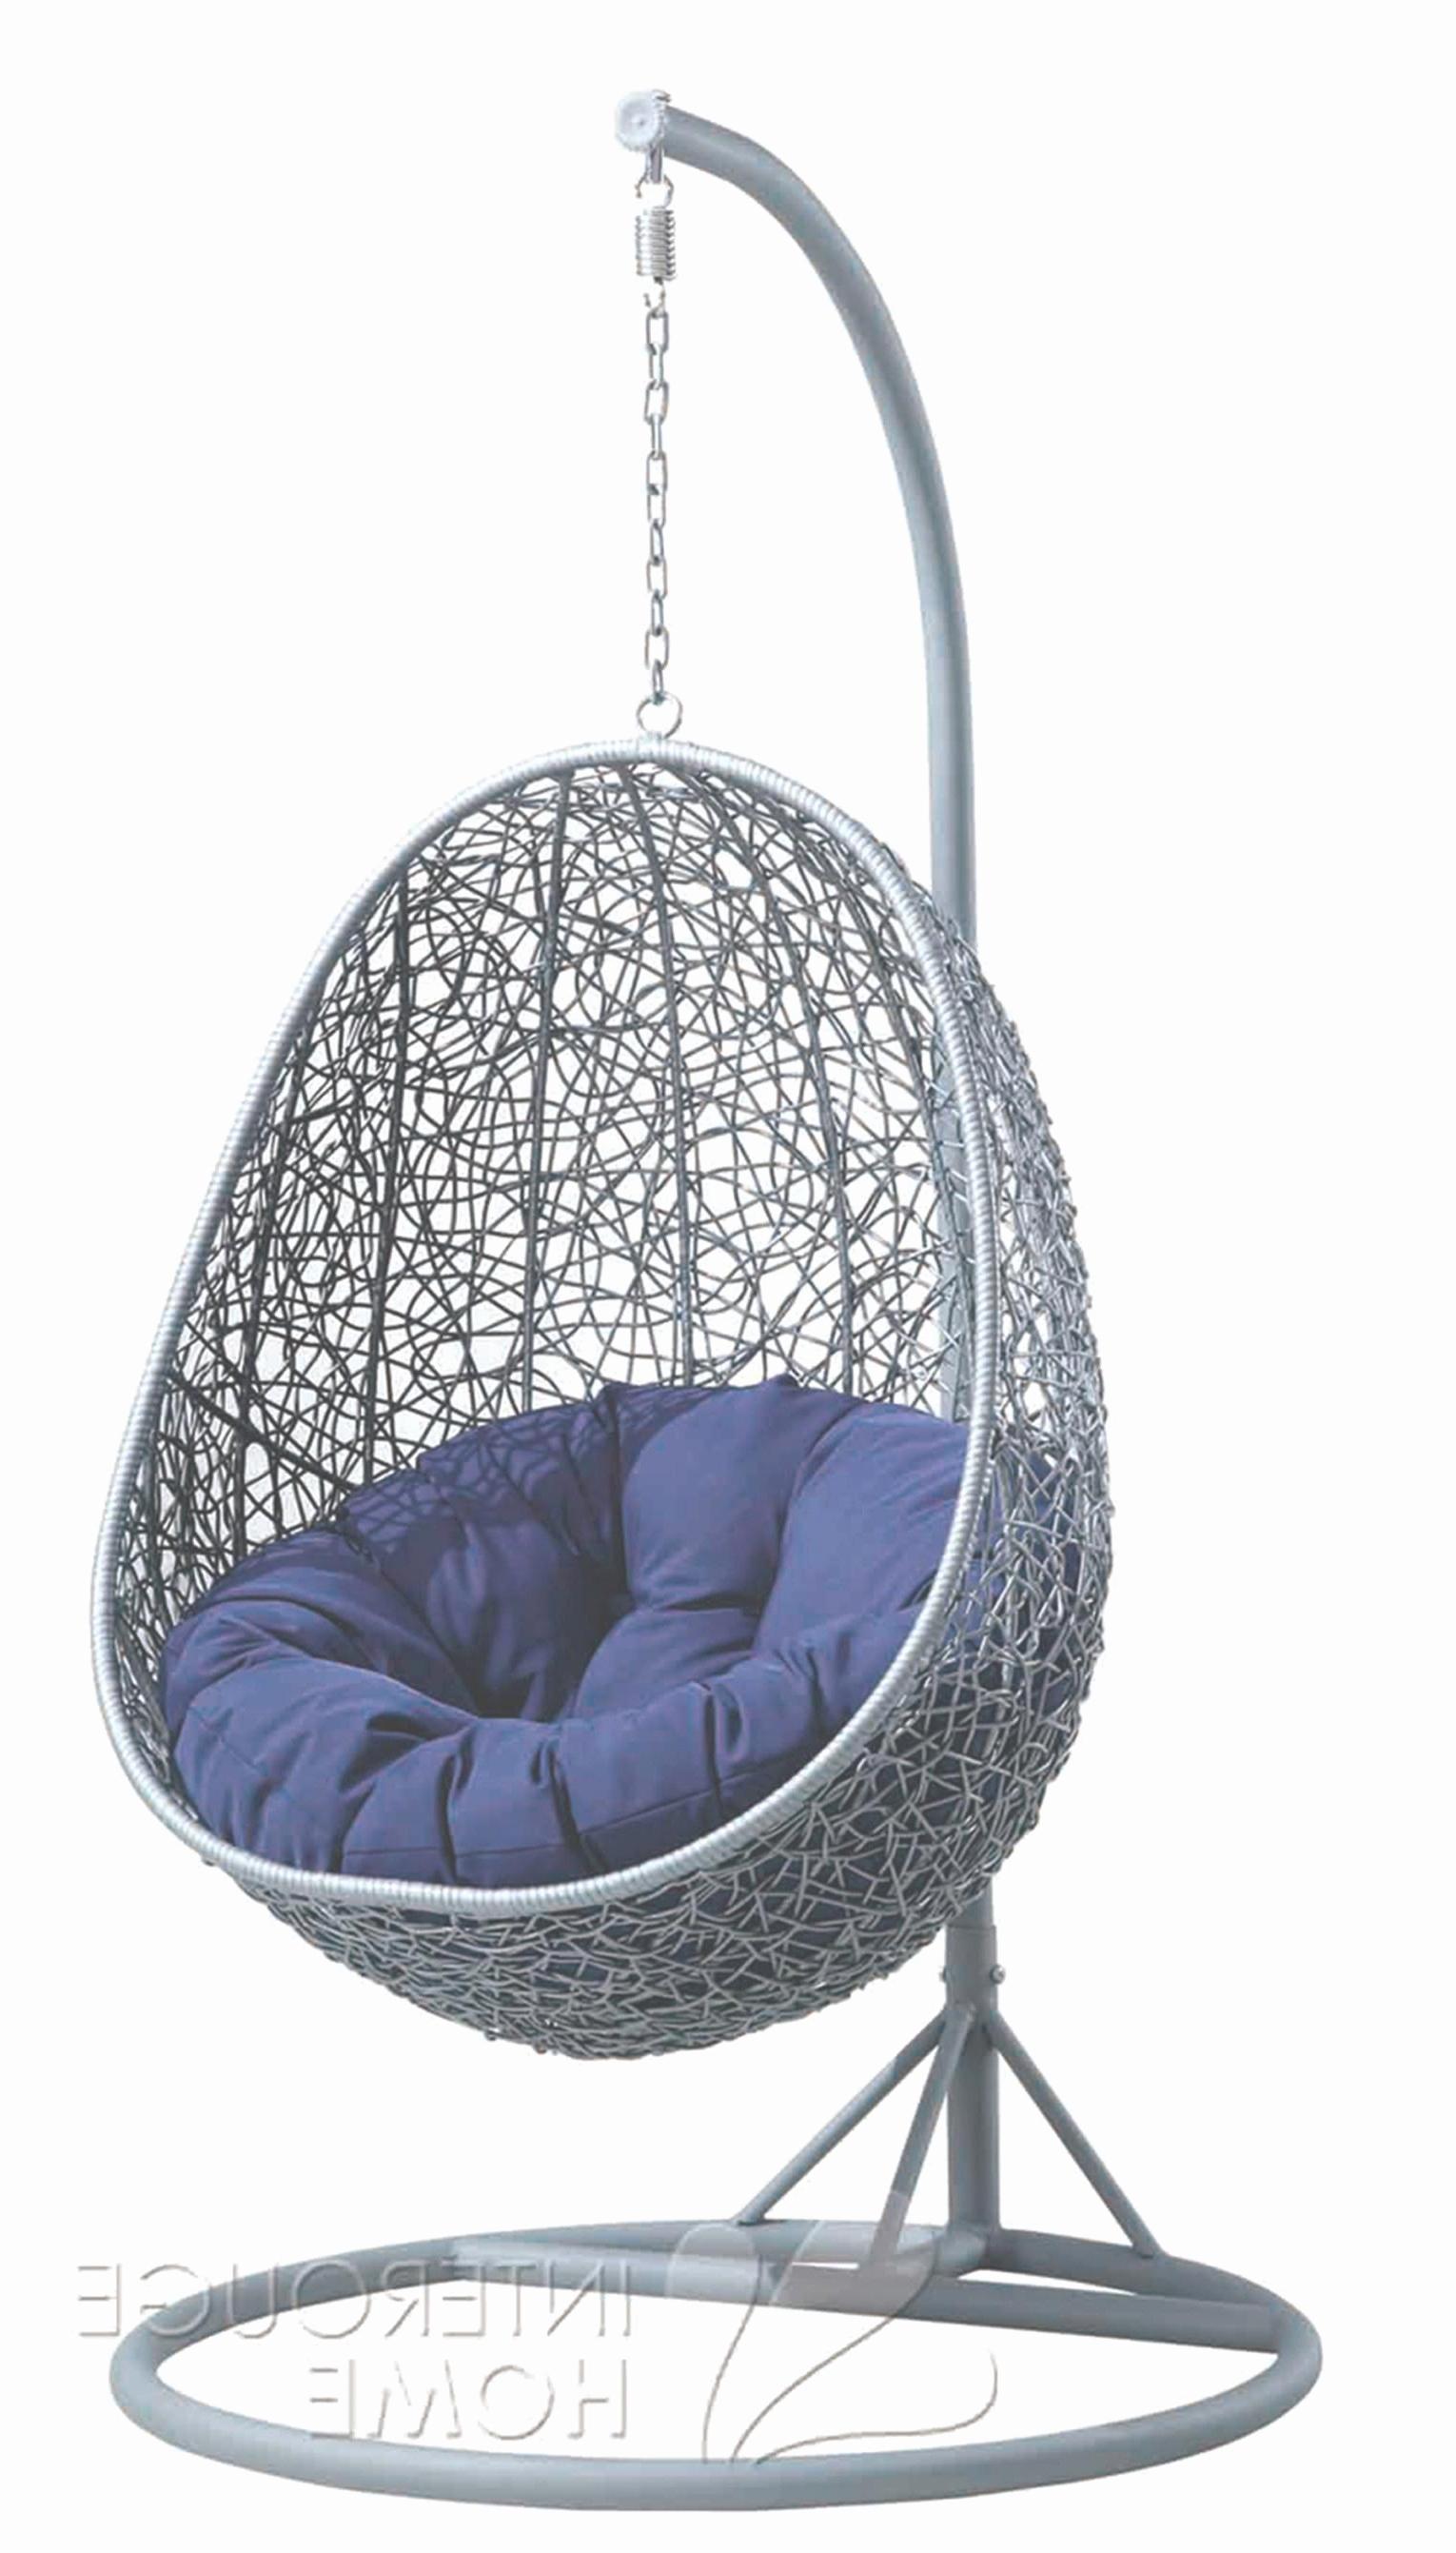 Chaise Longue Pliante Gifi Beau Stock Chaises Longues Gifi Génial tonnelle De Jardin Gifi De Confortable